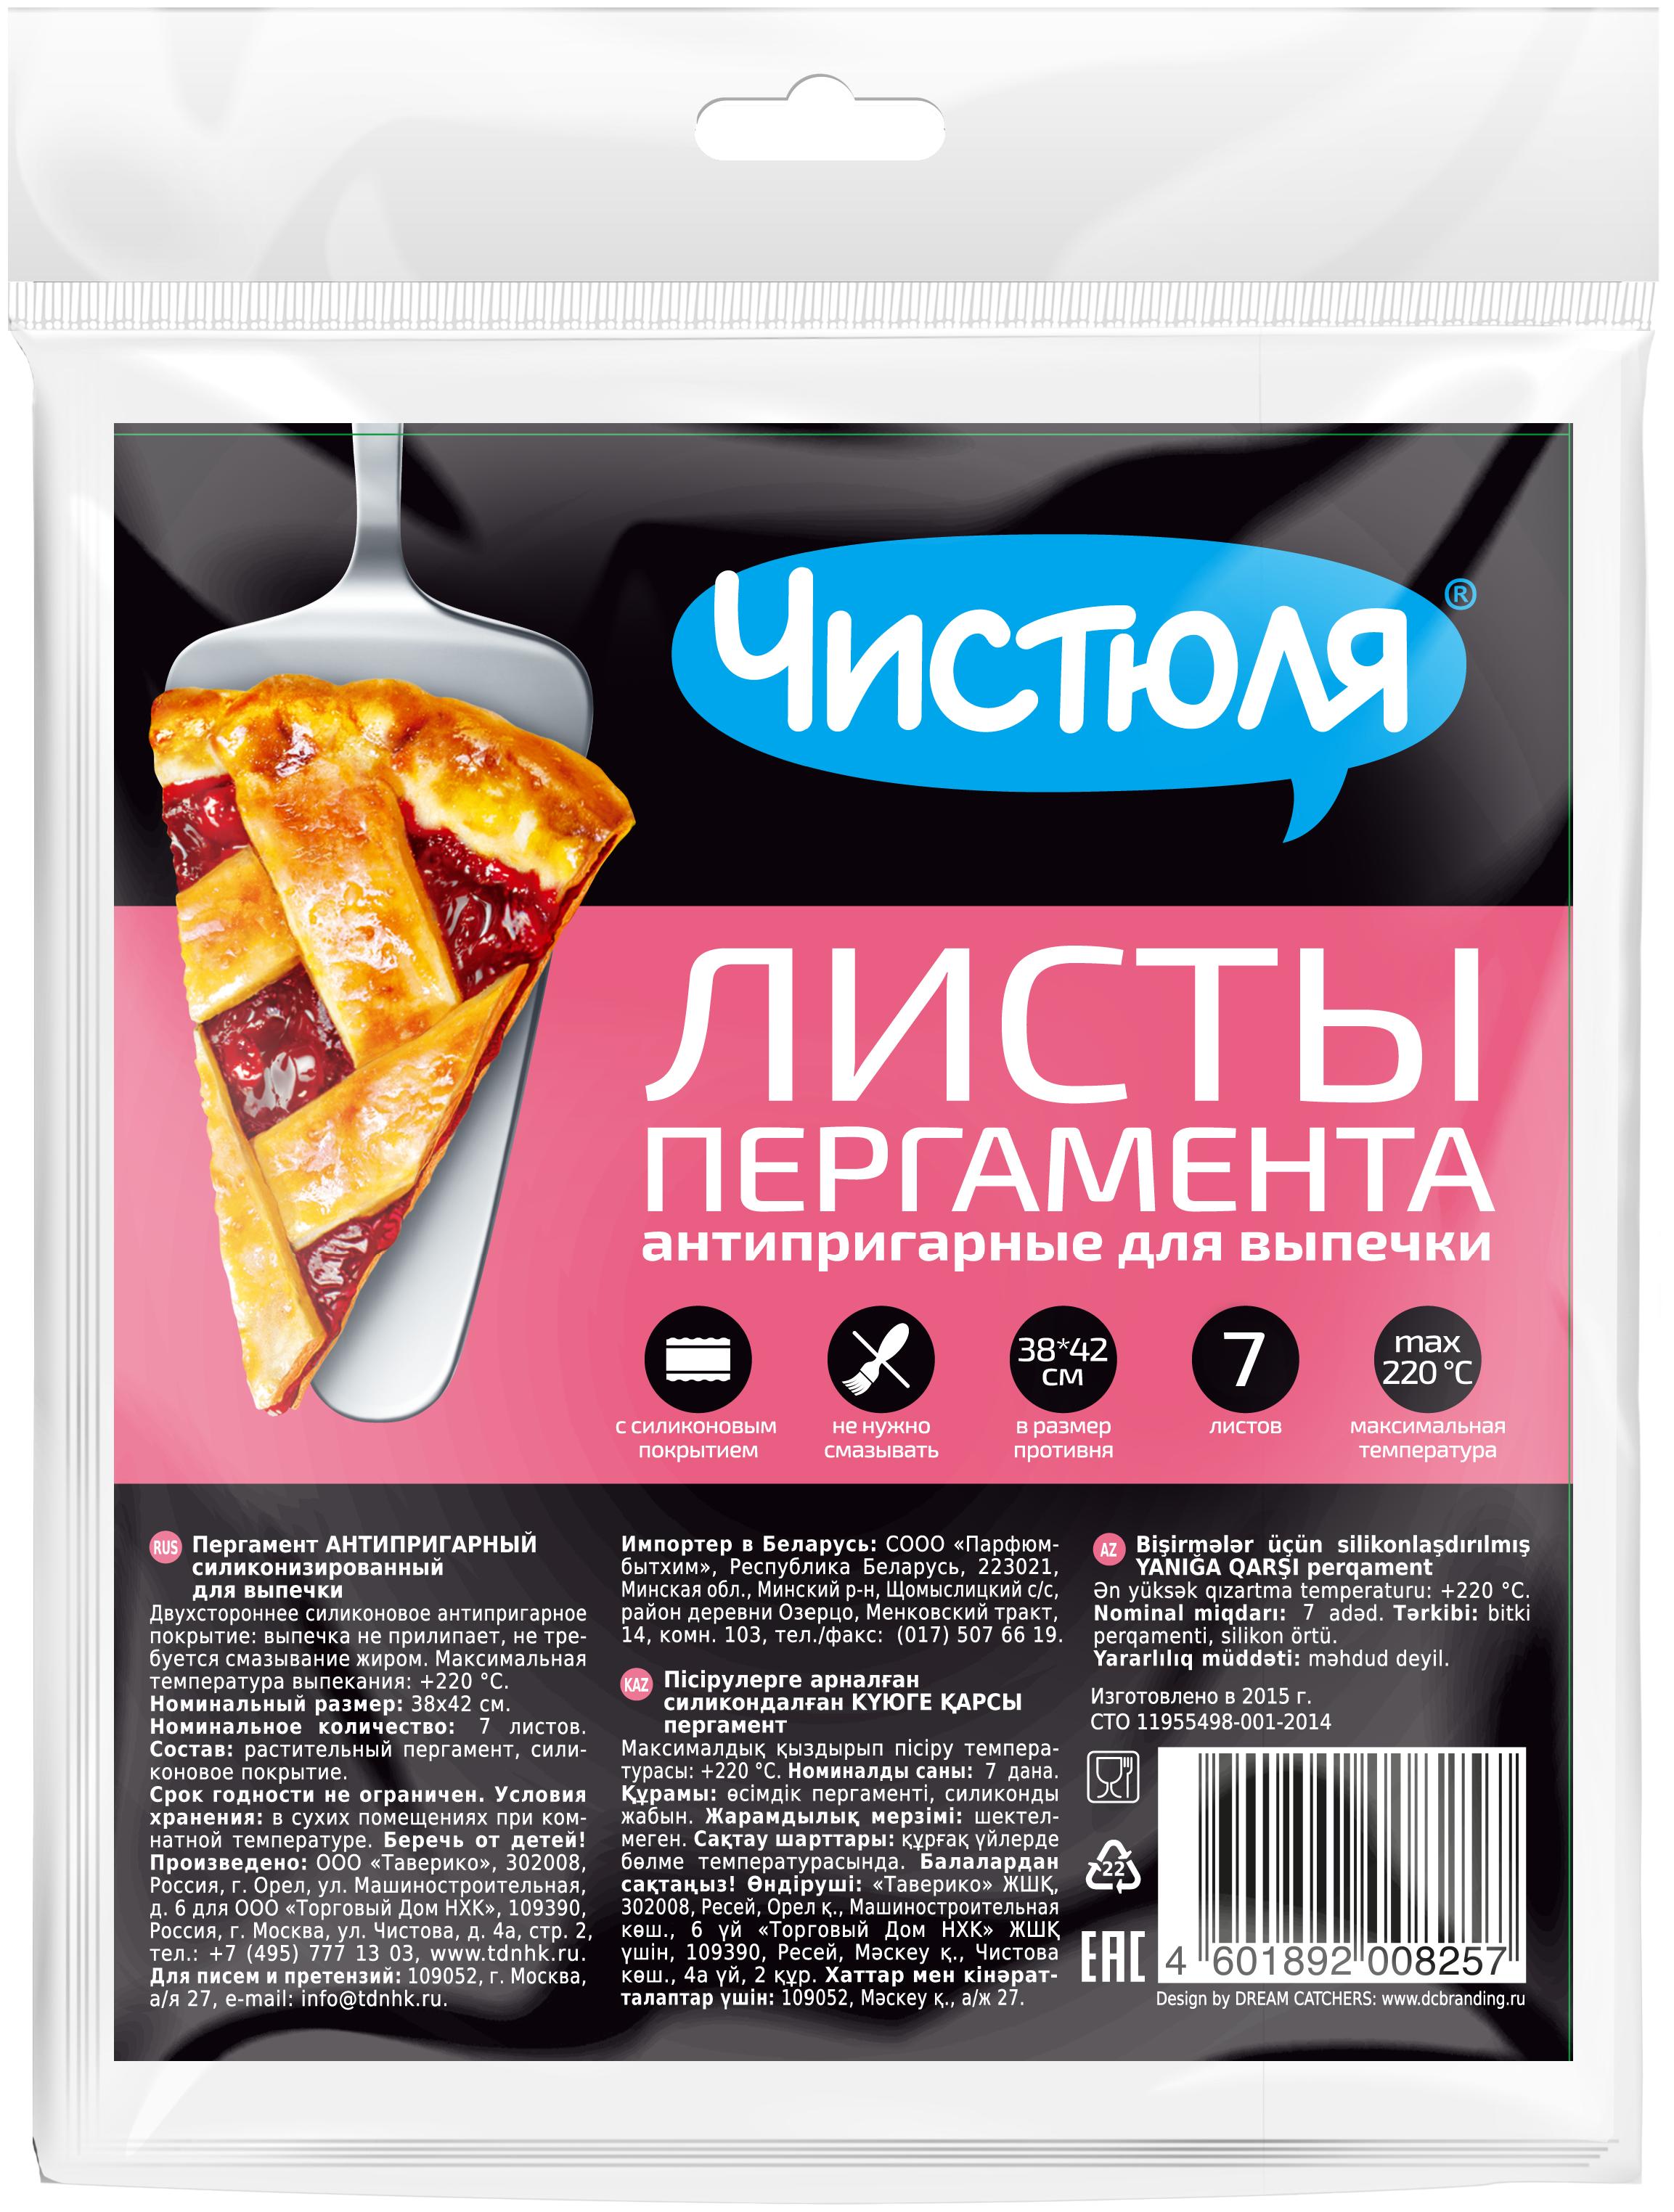 Бумага для выпечки Чистюля антипригарная — купить по выгодной цене на Яндекс.Маркете